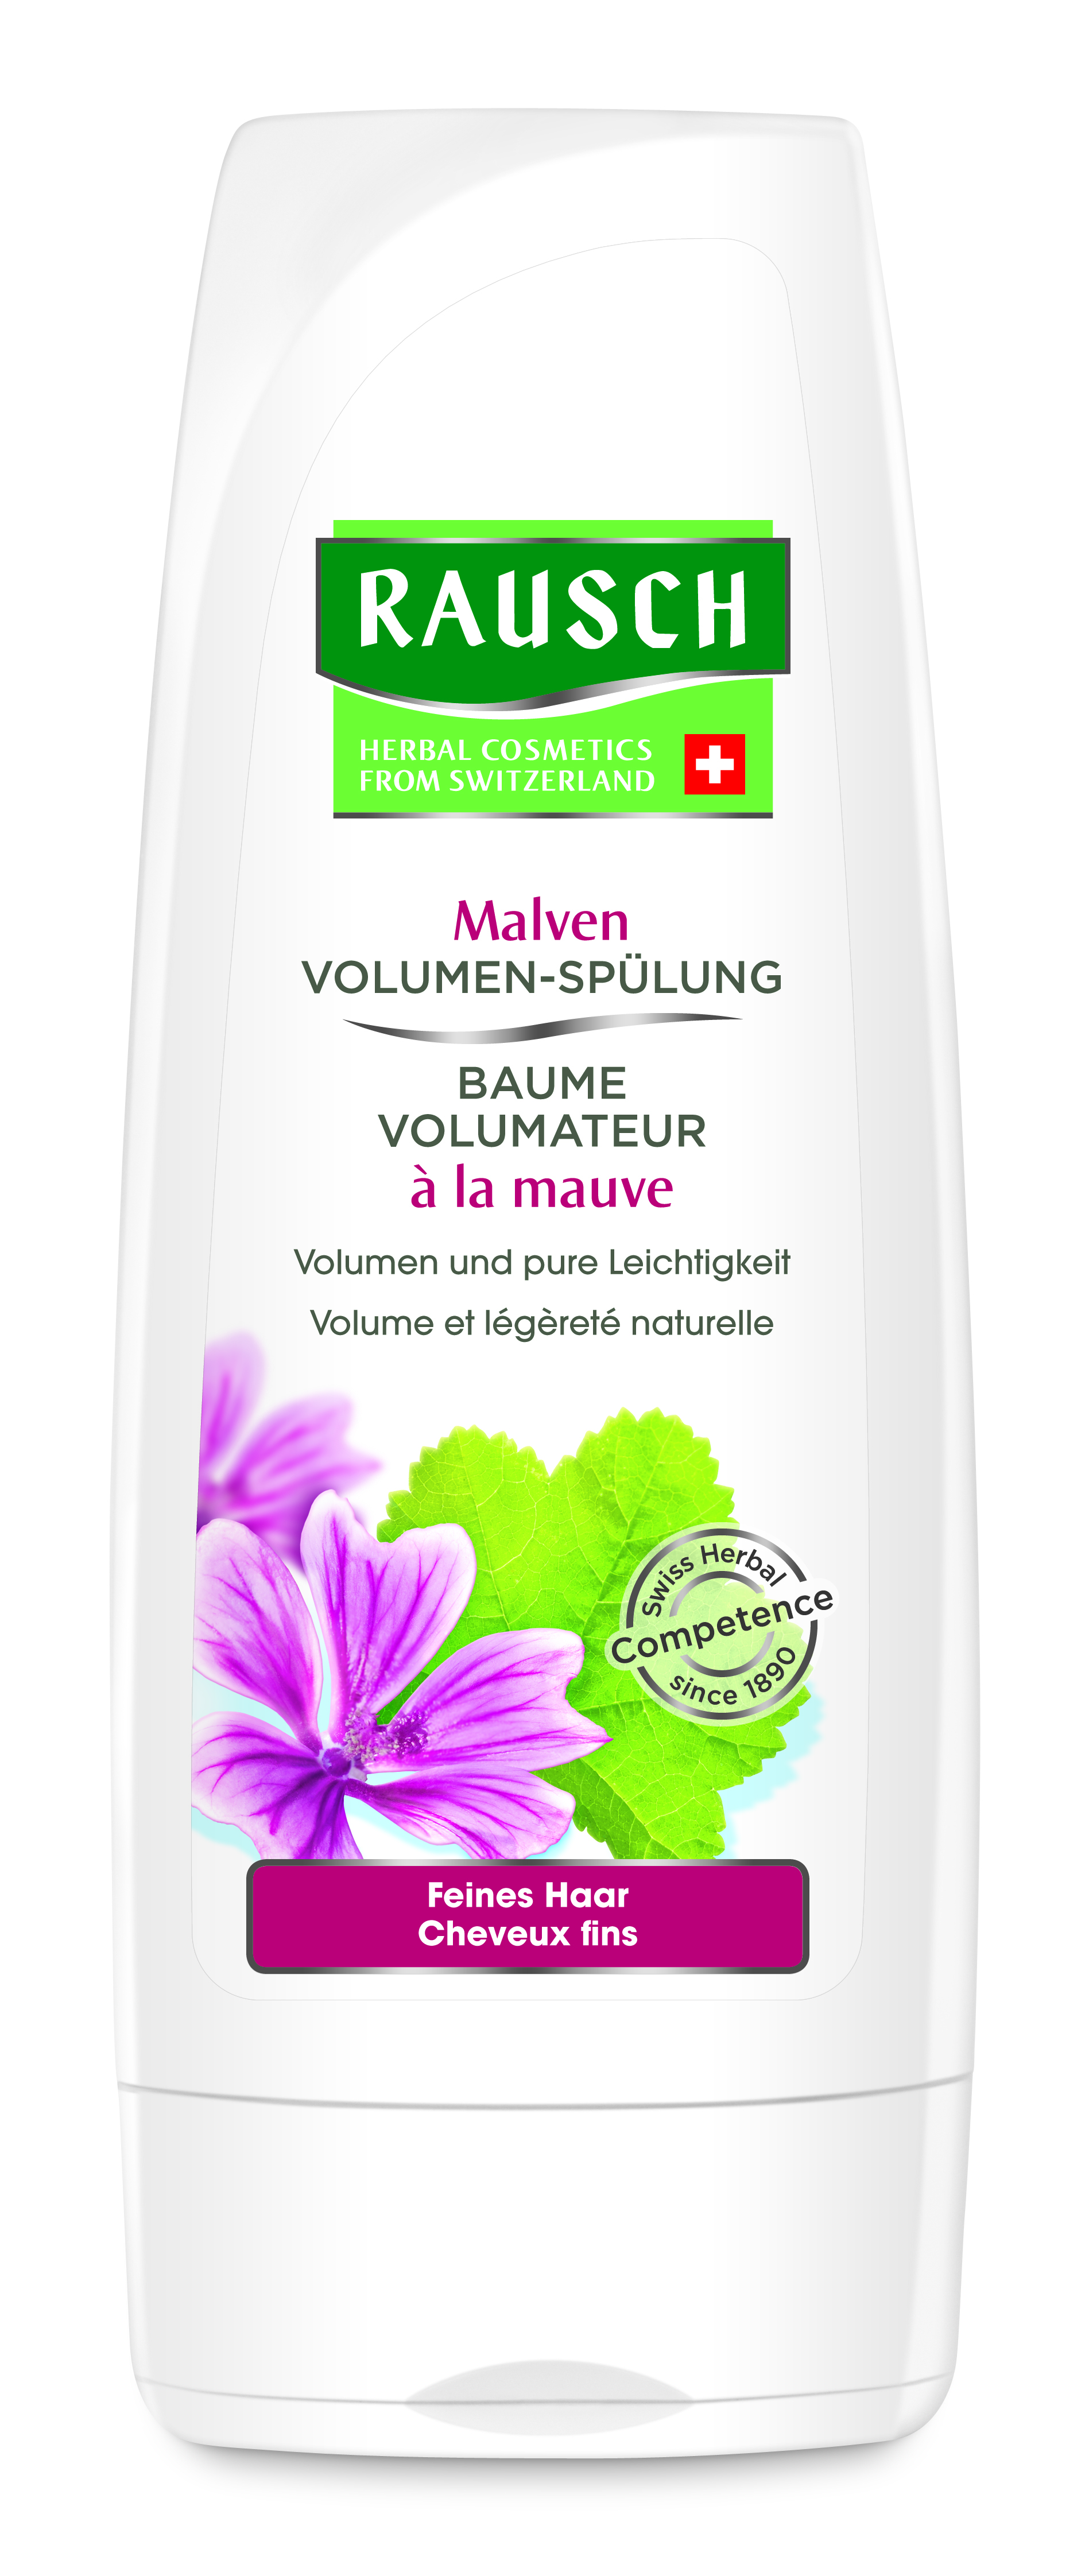 Rausch Malven Volumen-Spülung